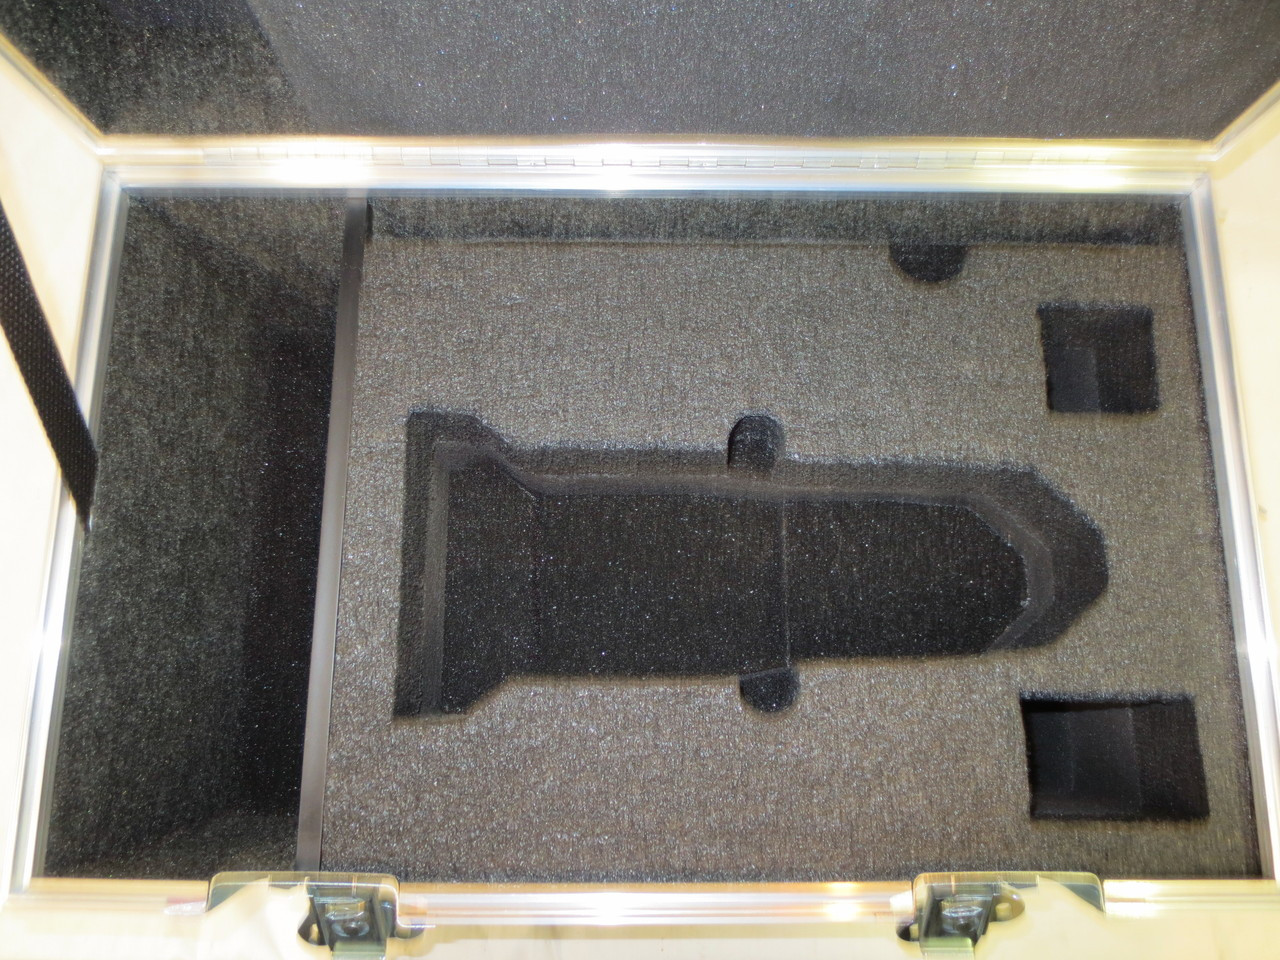 Arri/Fuji Alura 15.5-45mm T2.8 Zoom Lens